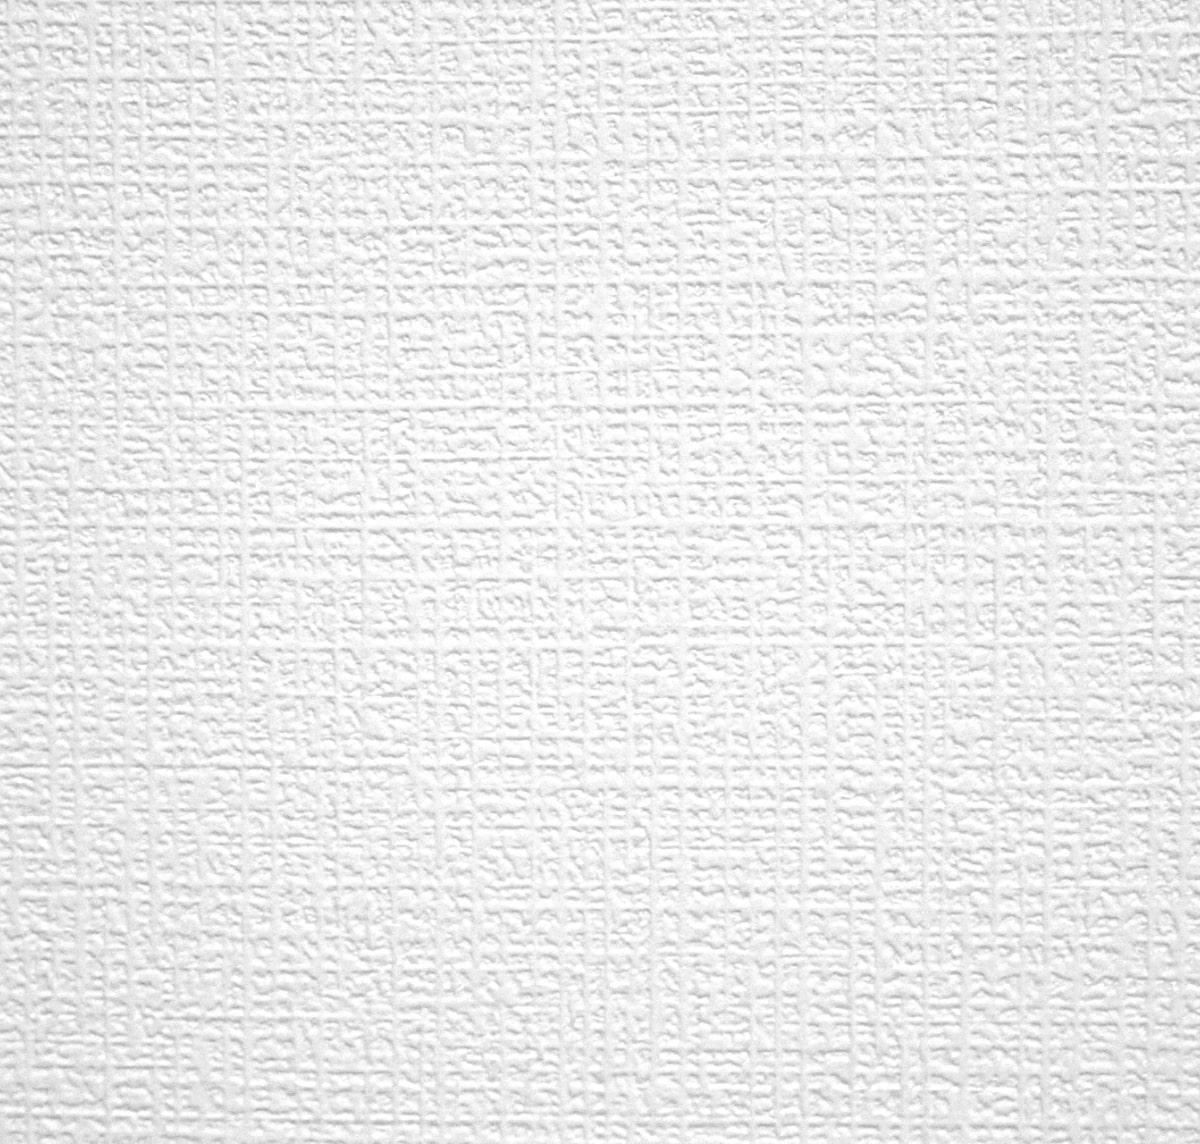 クロス壁のイメージ